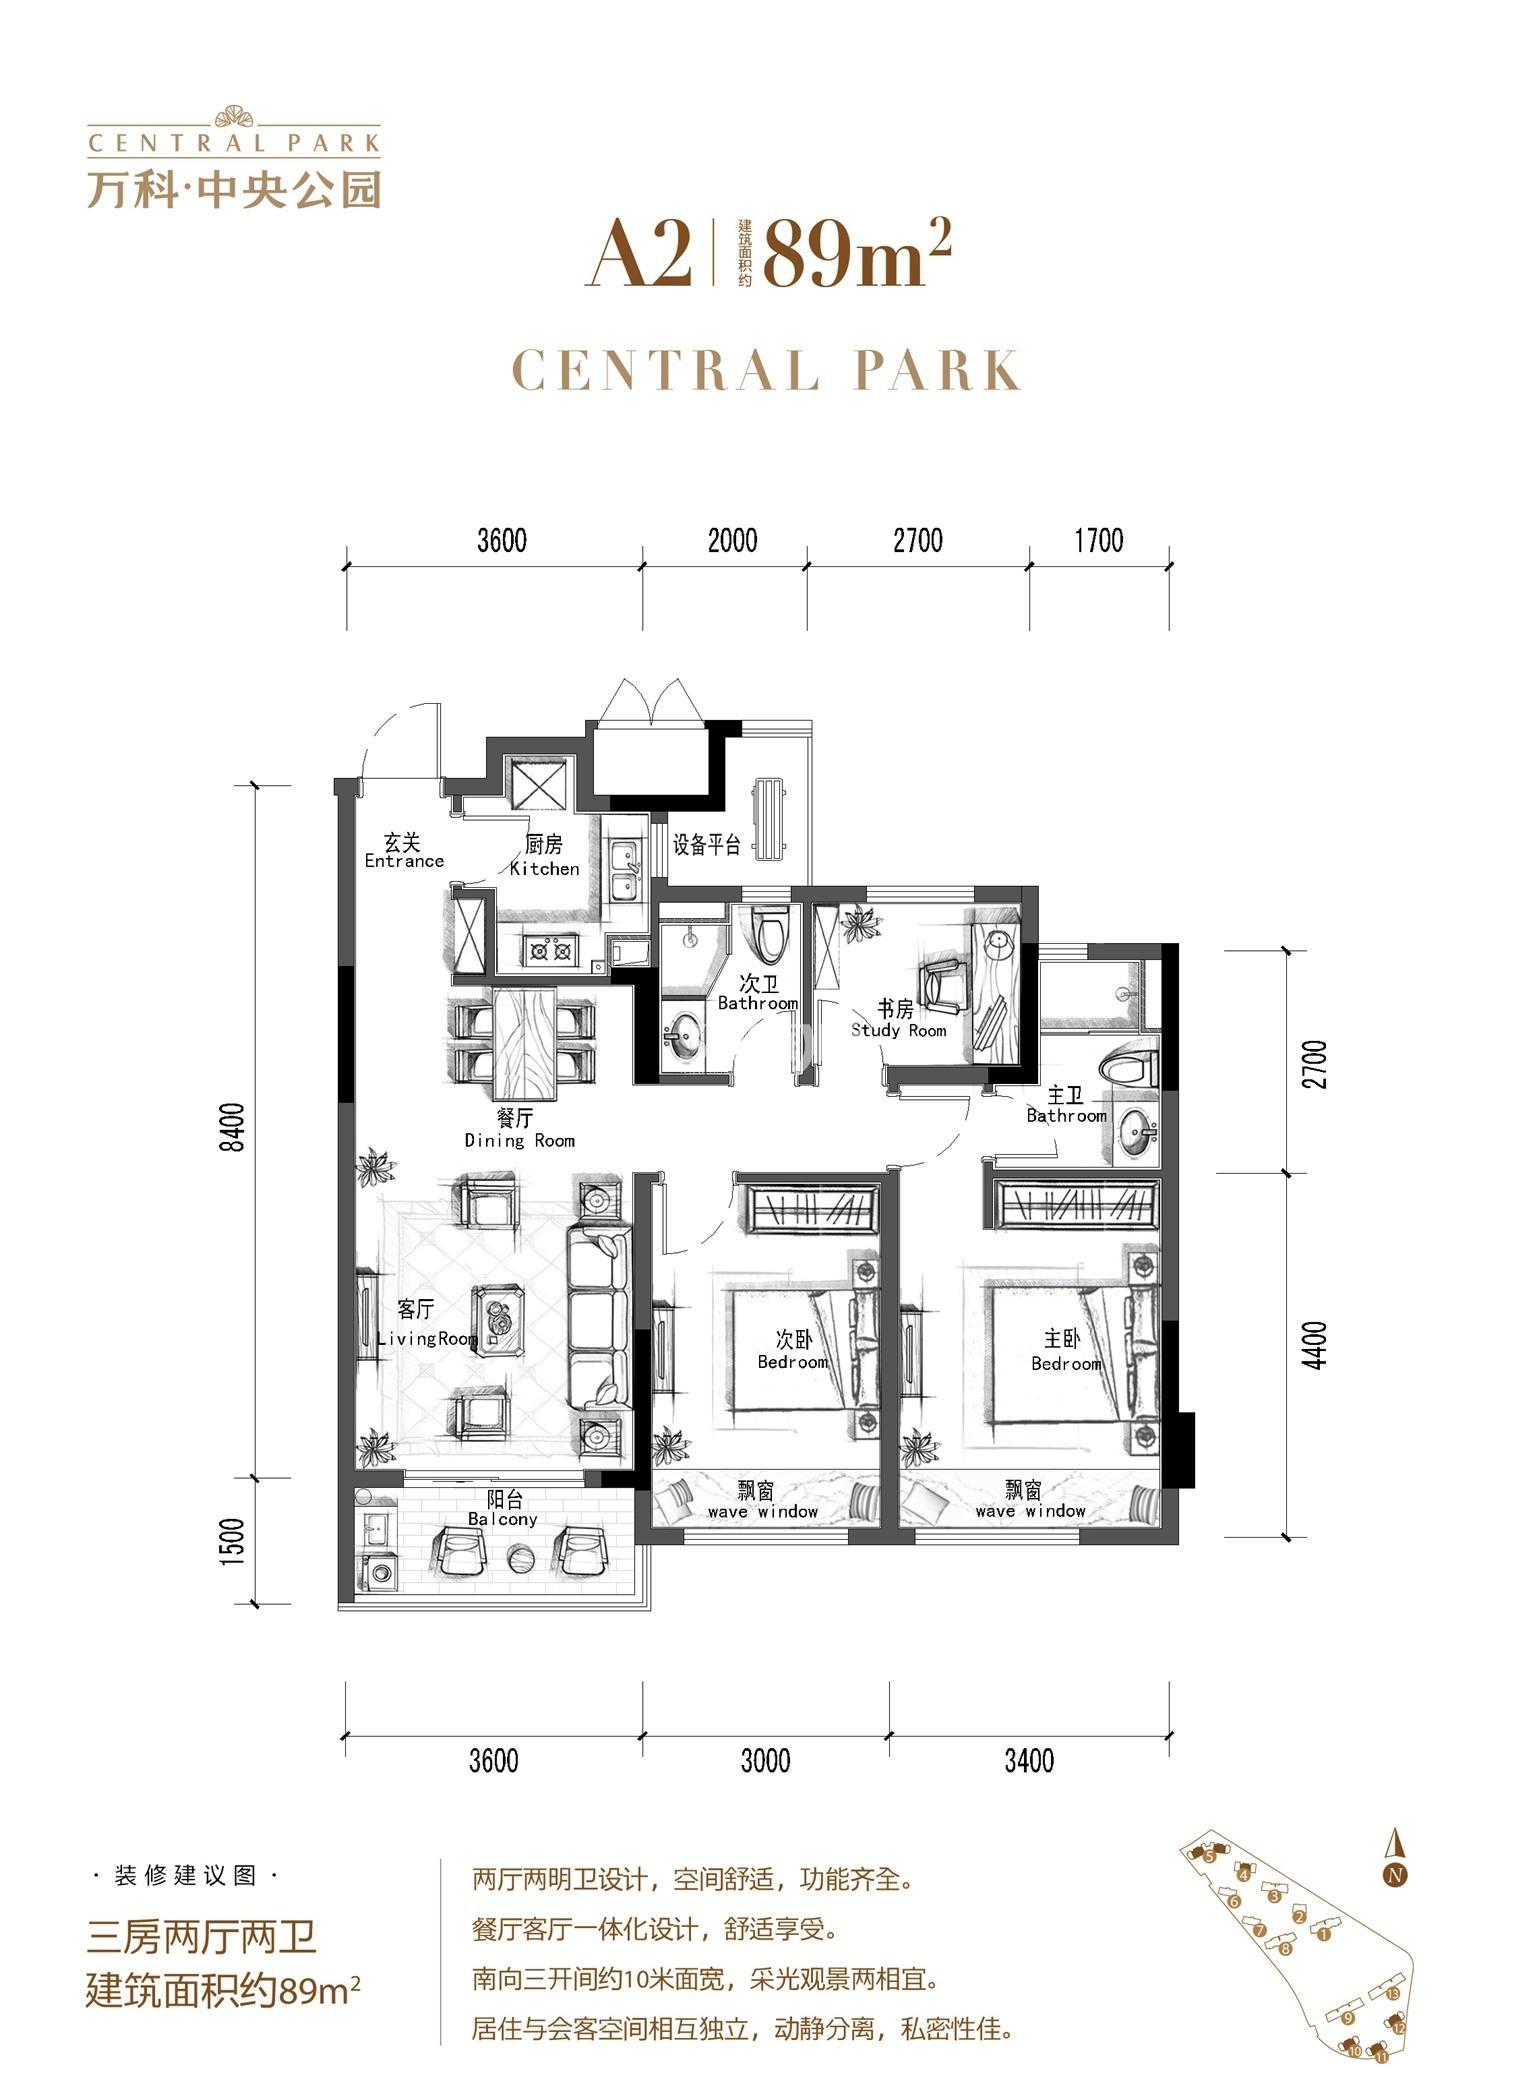 万科中央公园户型图